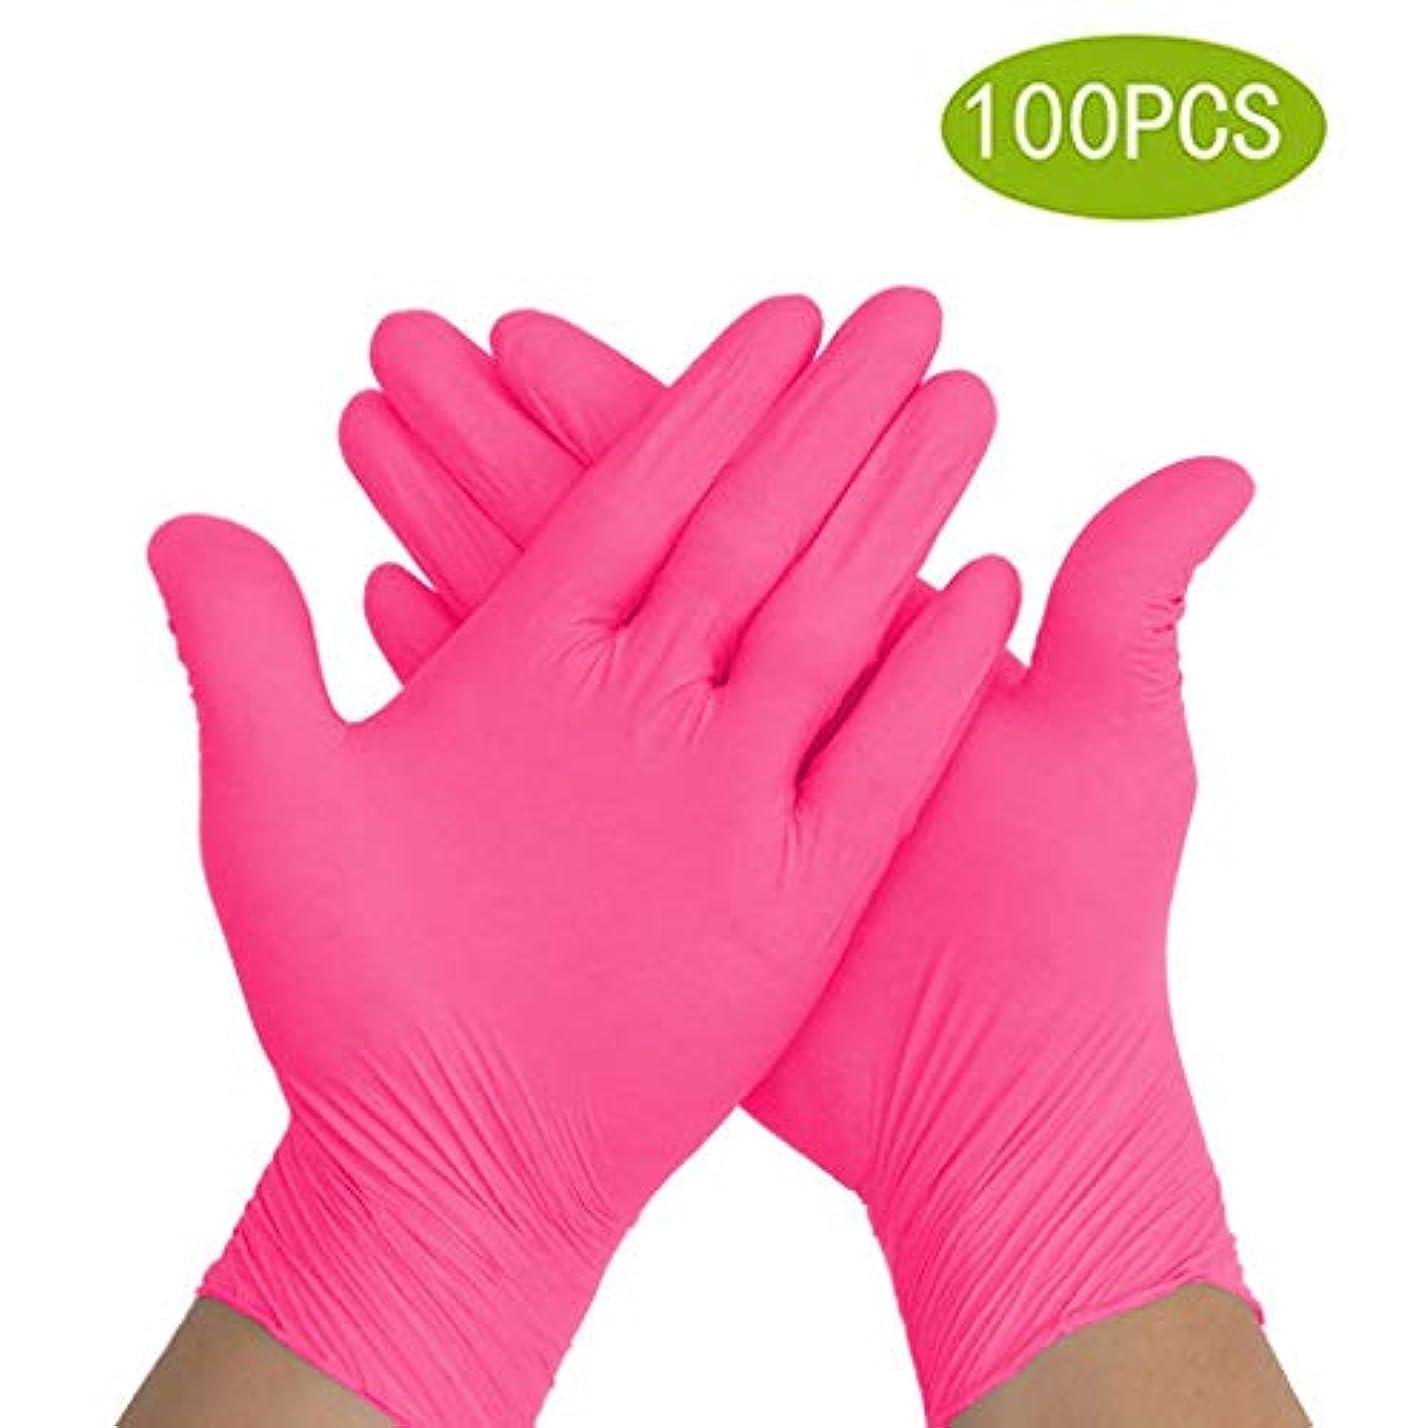 ドック観察するトランペットニトリル使い捨て手袋、パウダーフリーのレッドビューティーサロンタトゥー、食品用手袋、ラテックスフリー、100個ディスペンサーパック (Size : S)